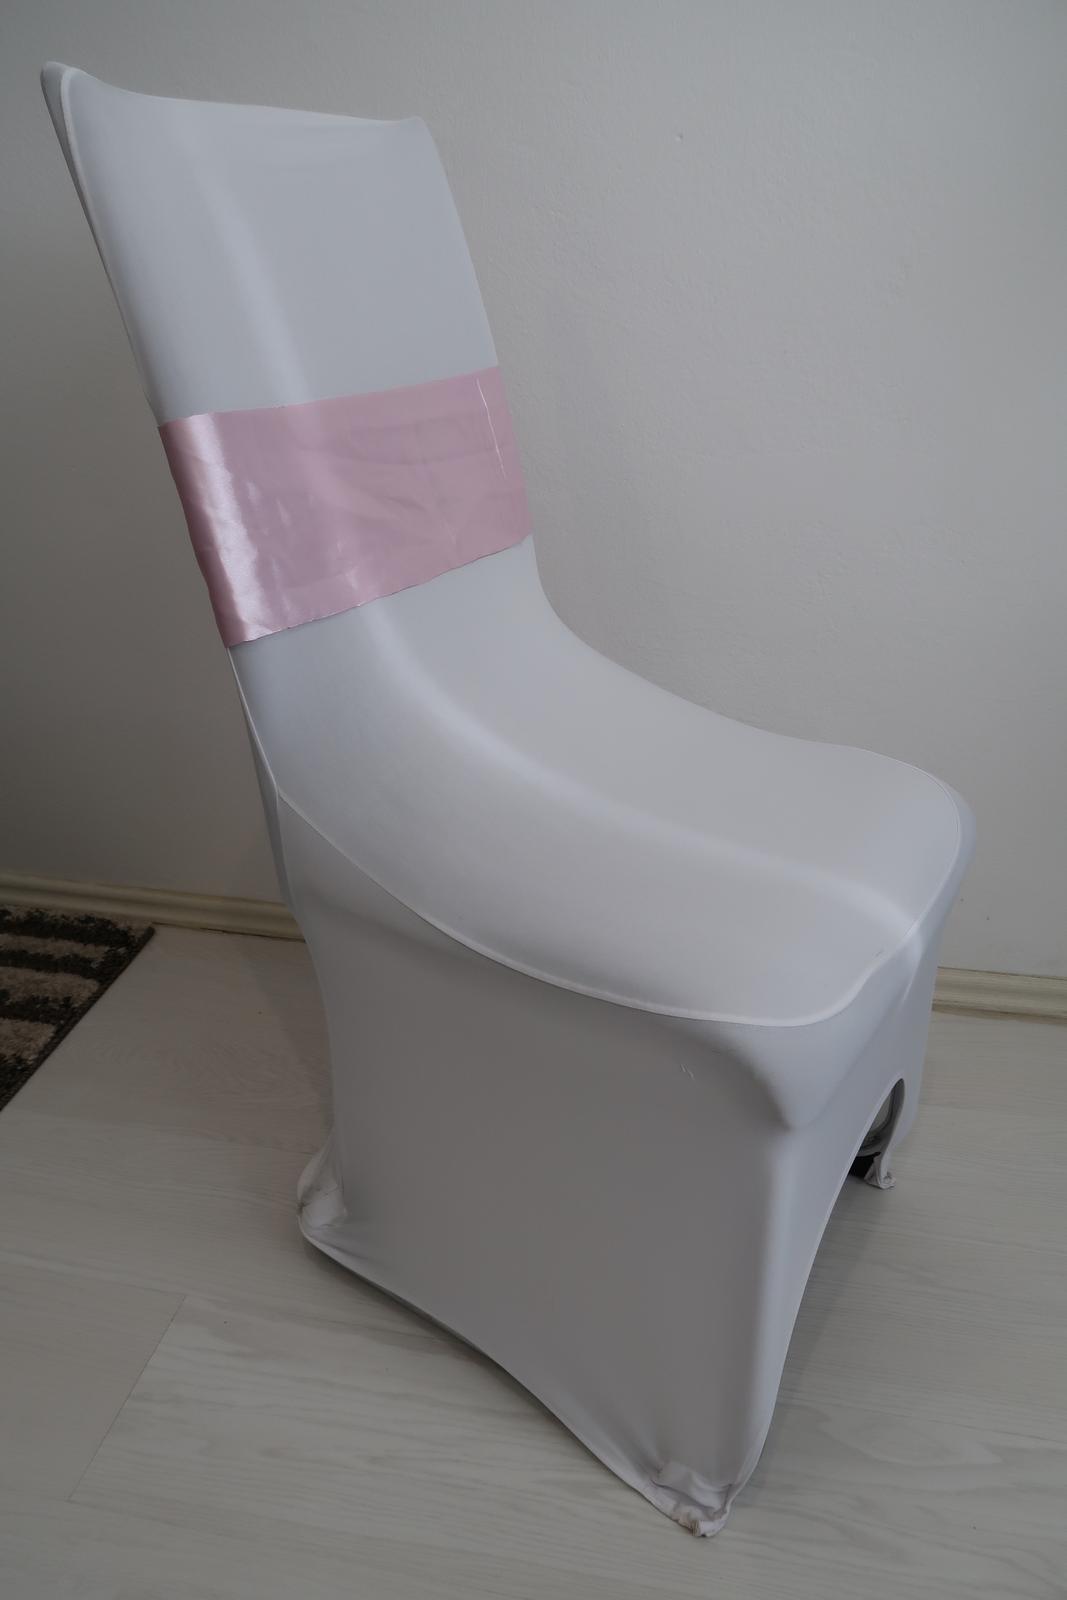 Návleky na stoličky a stuhy - Obrázok č. 2